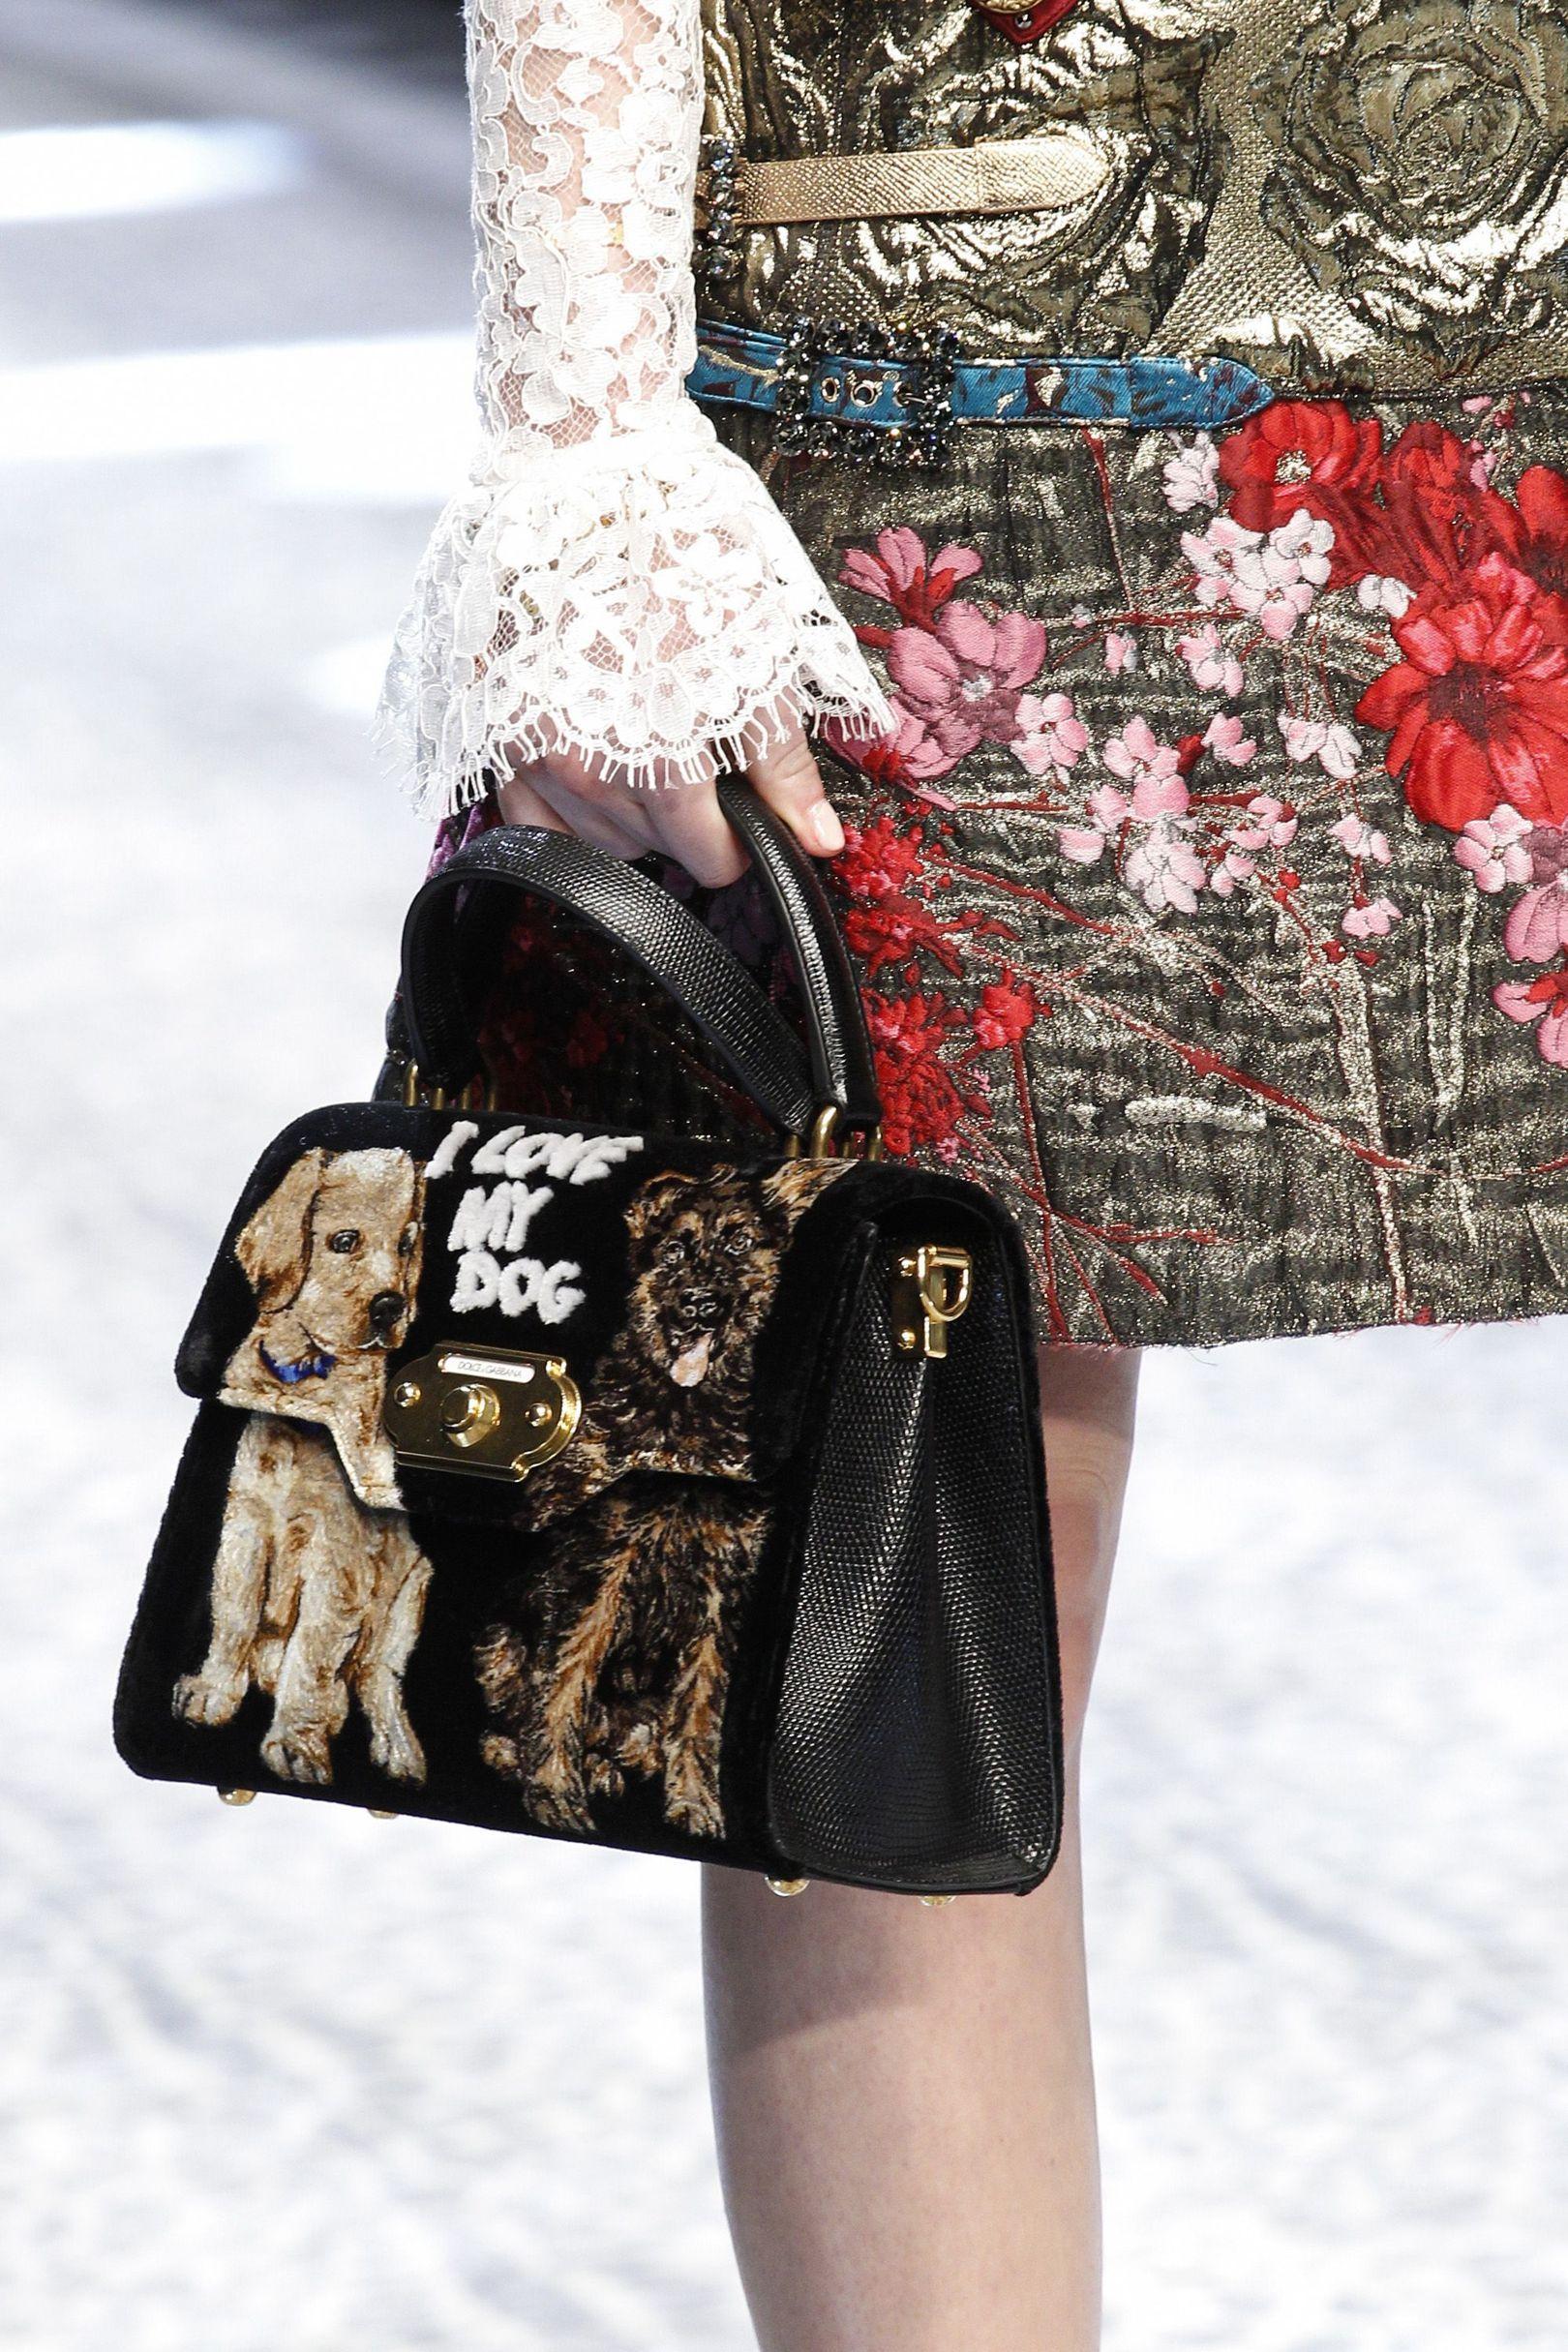 the best bag trends of fall winter 2017 2018 | borsa | pinterest